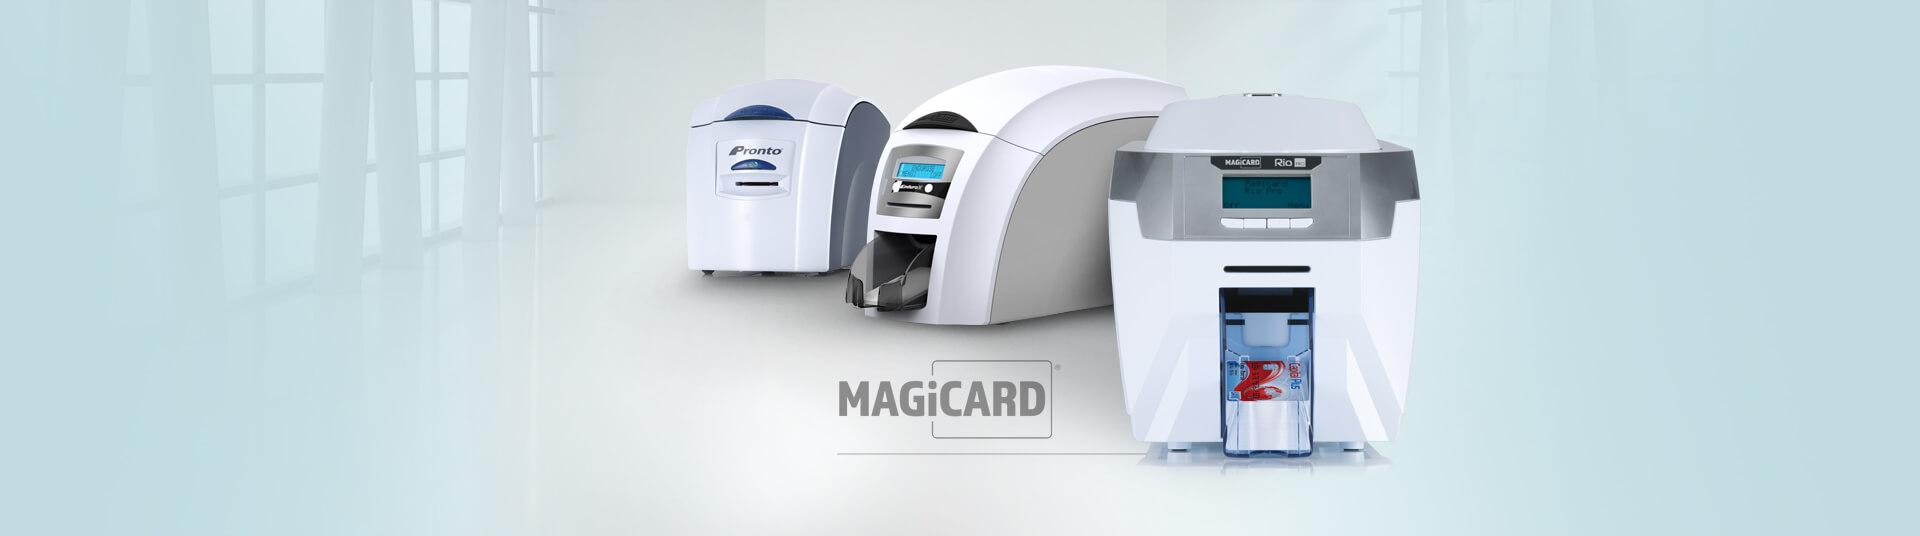 id card maker machine